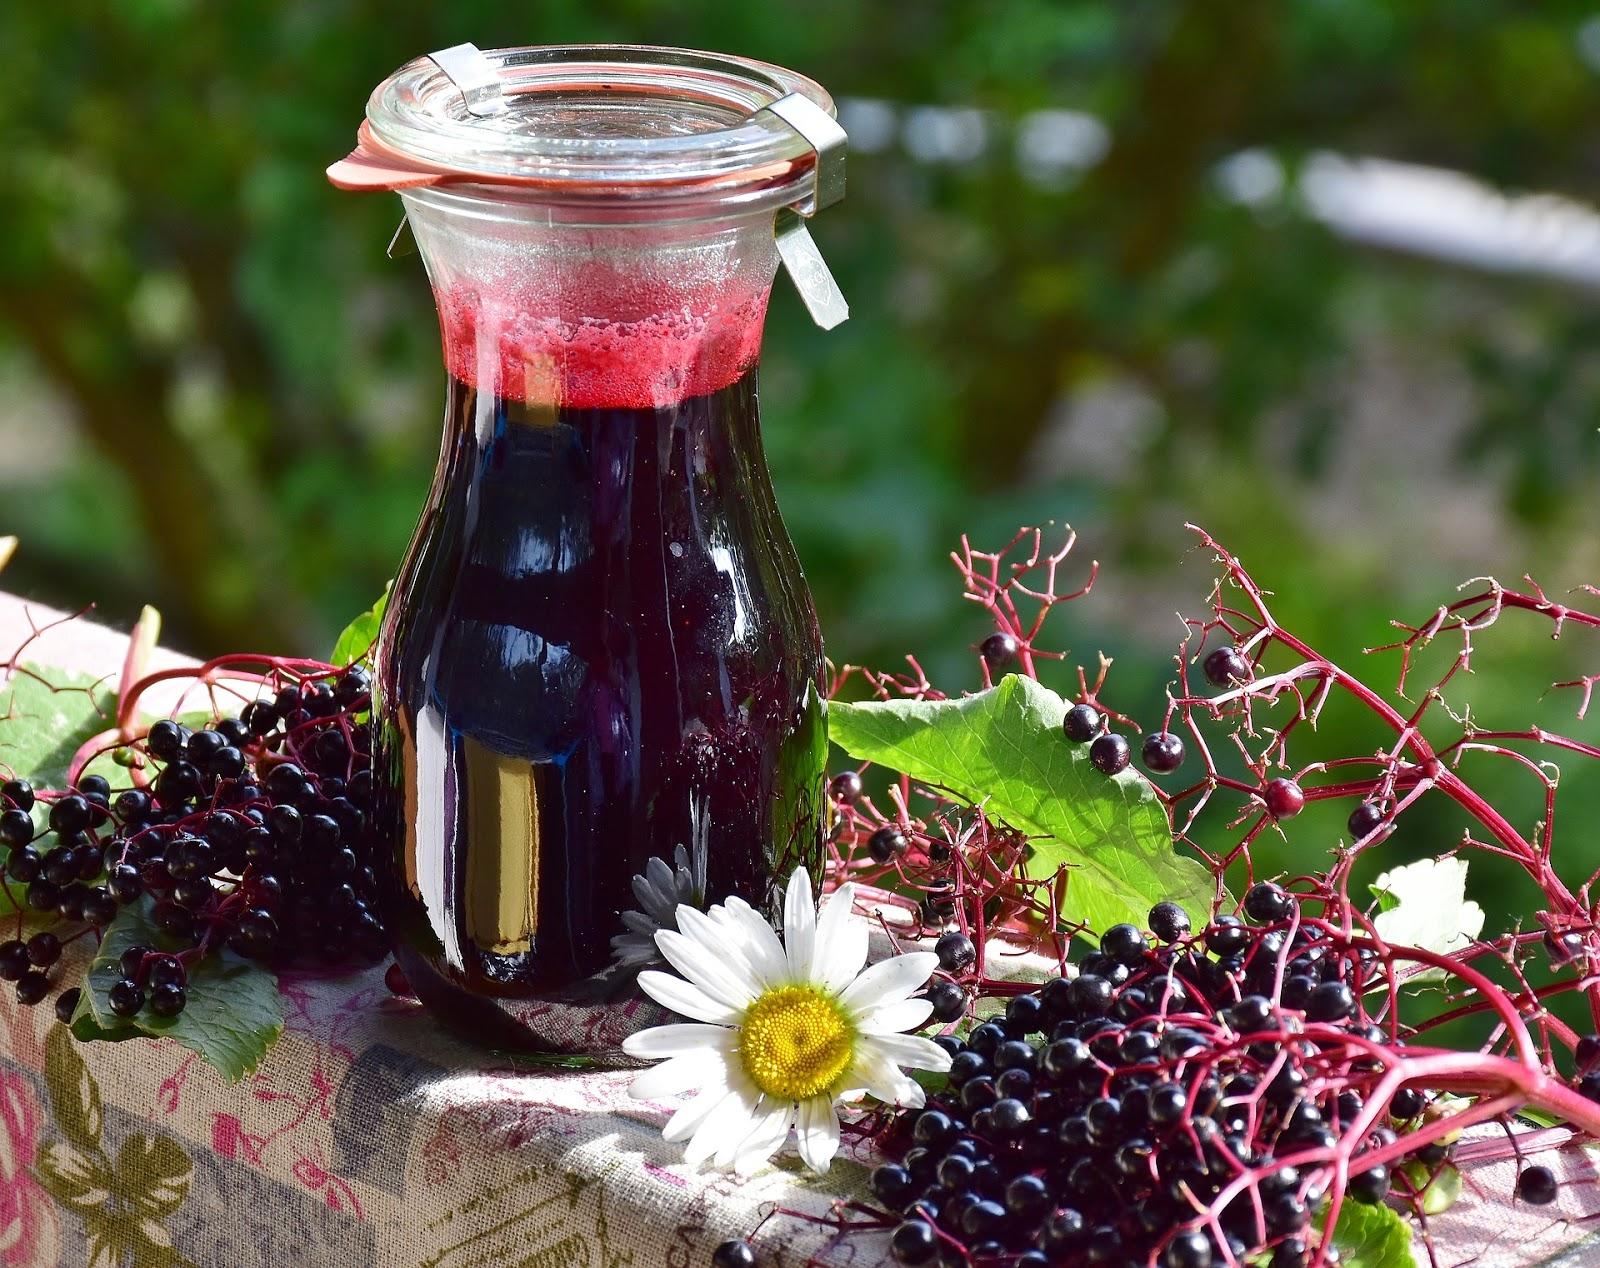 mürver şurubunun faydaları yan etkileri Bağışıklığınızı Arttırabilecek 10 Yiyecek